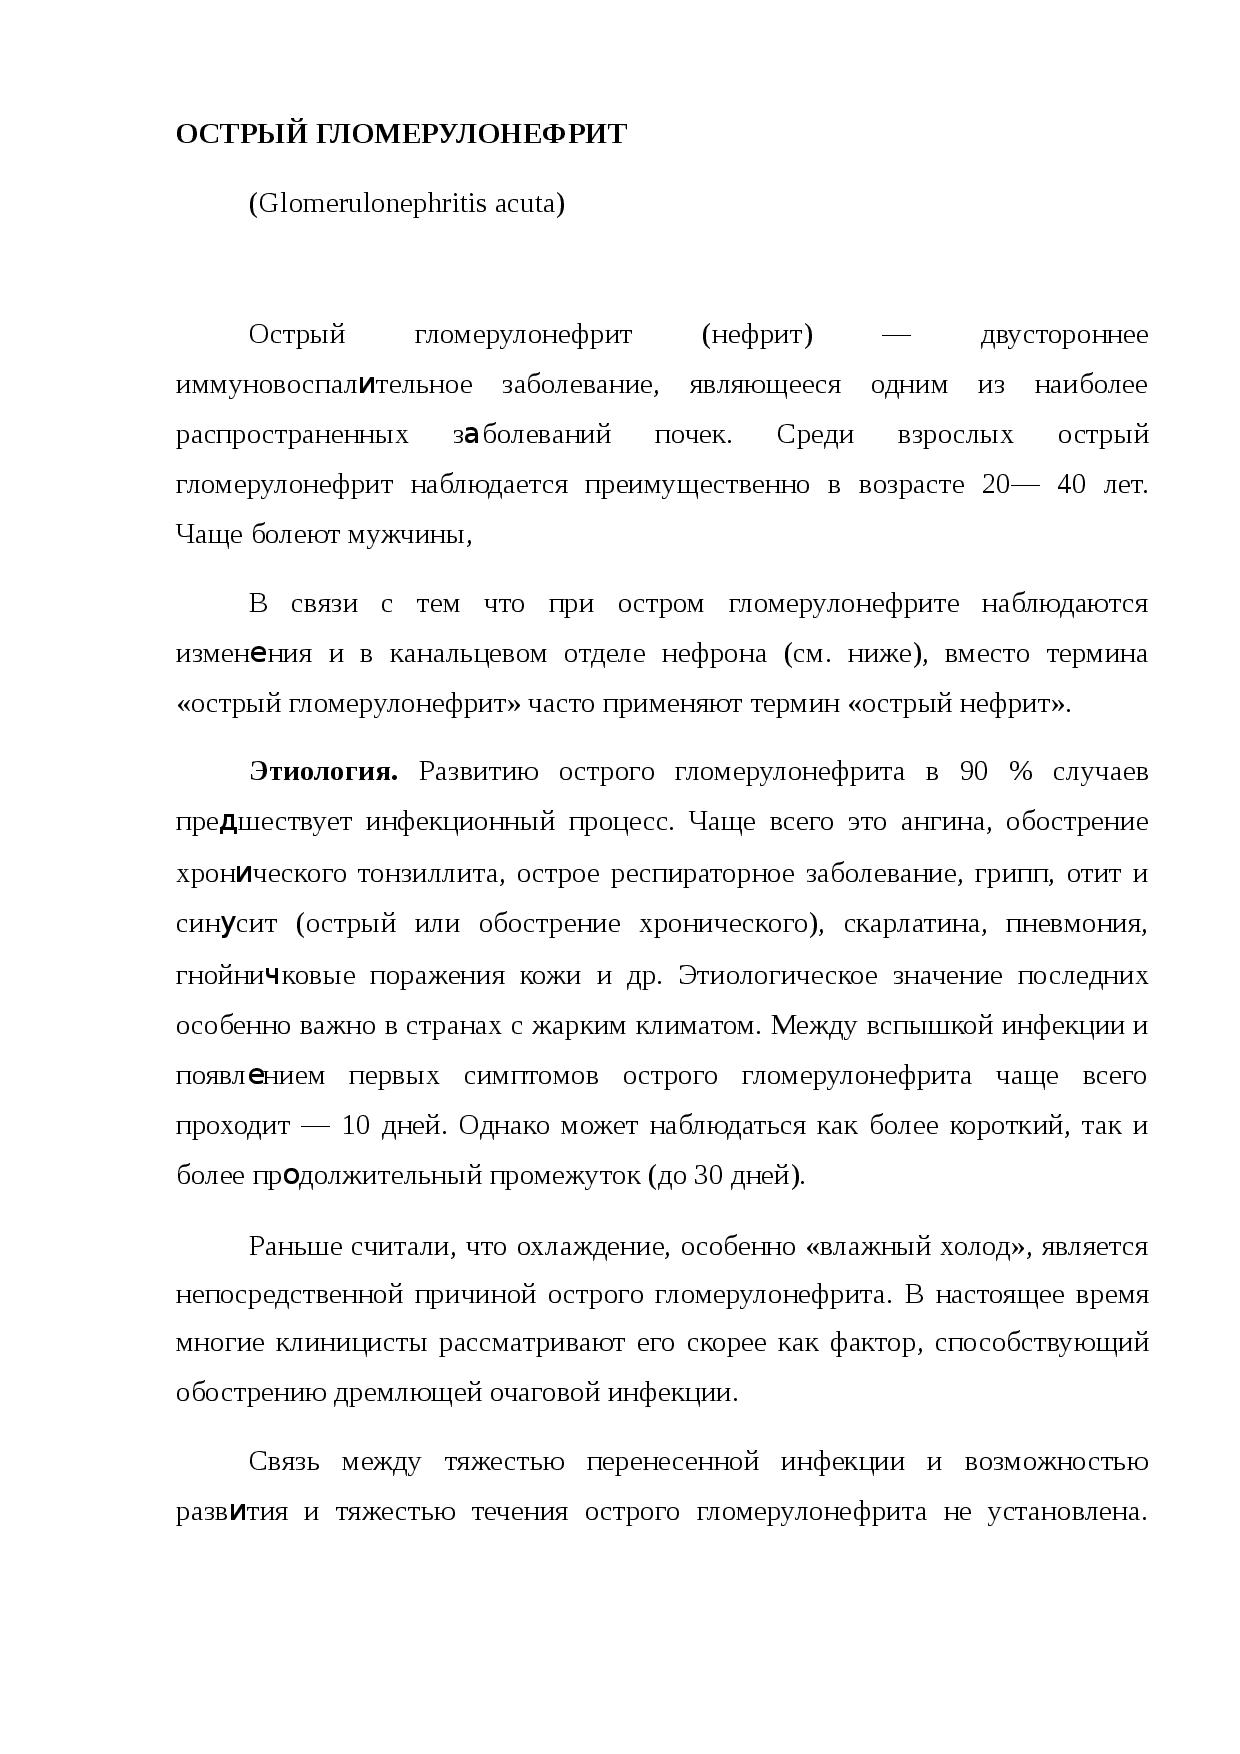 Точная классификация гломерулонефритов